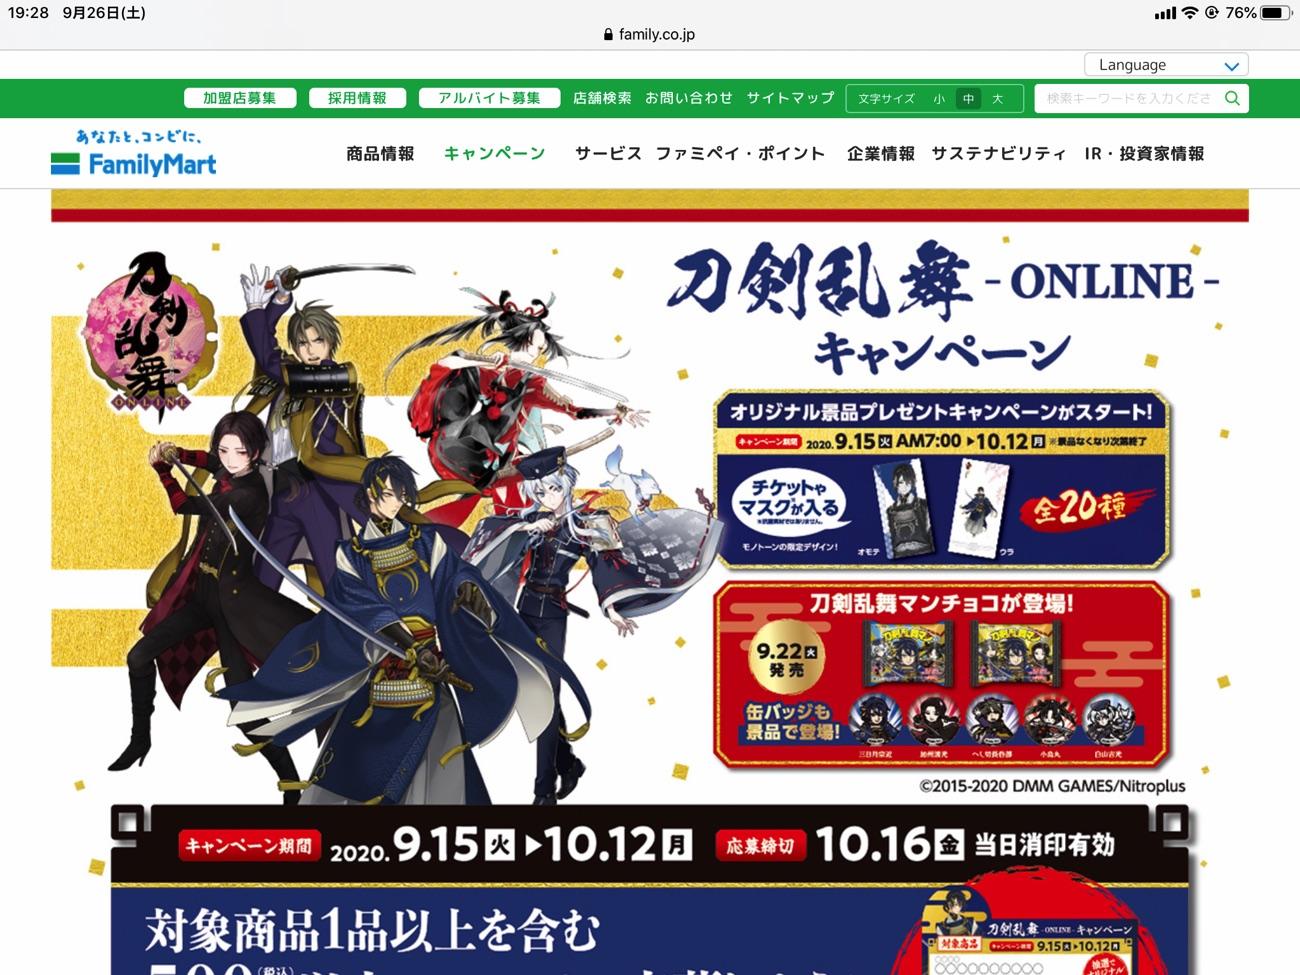 刀剣乱舞 -ONLINE- キャンペーン